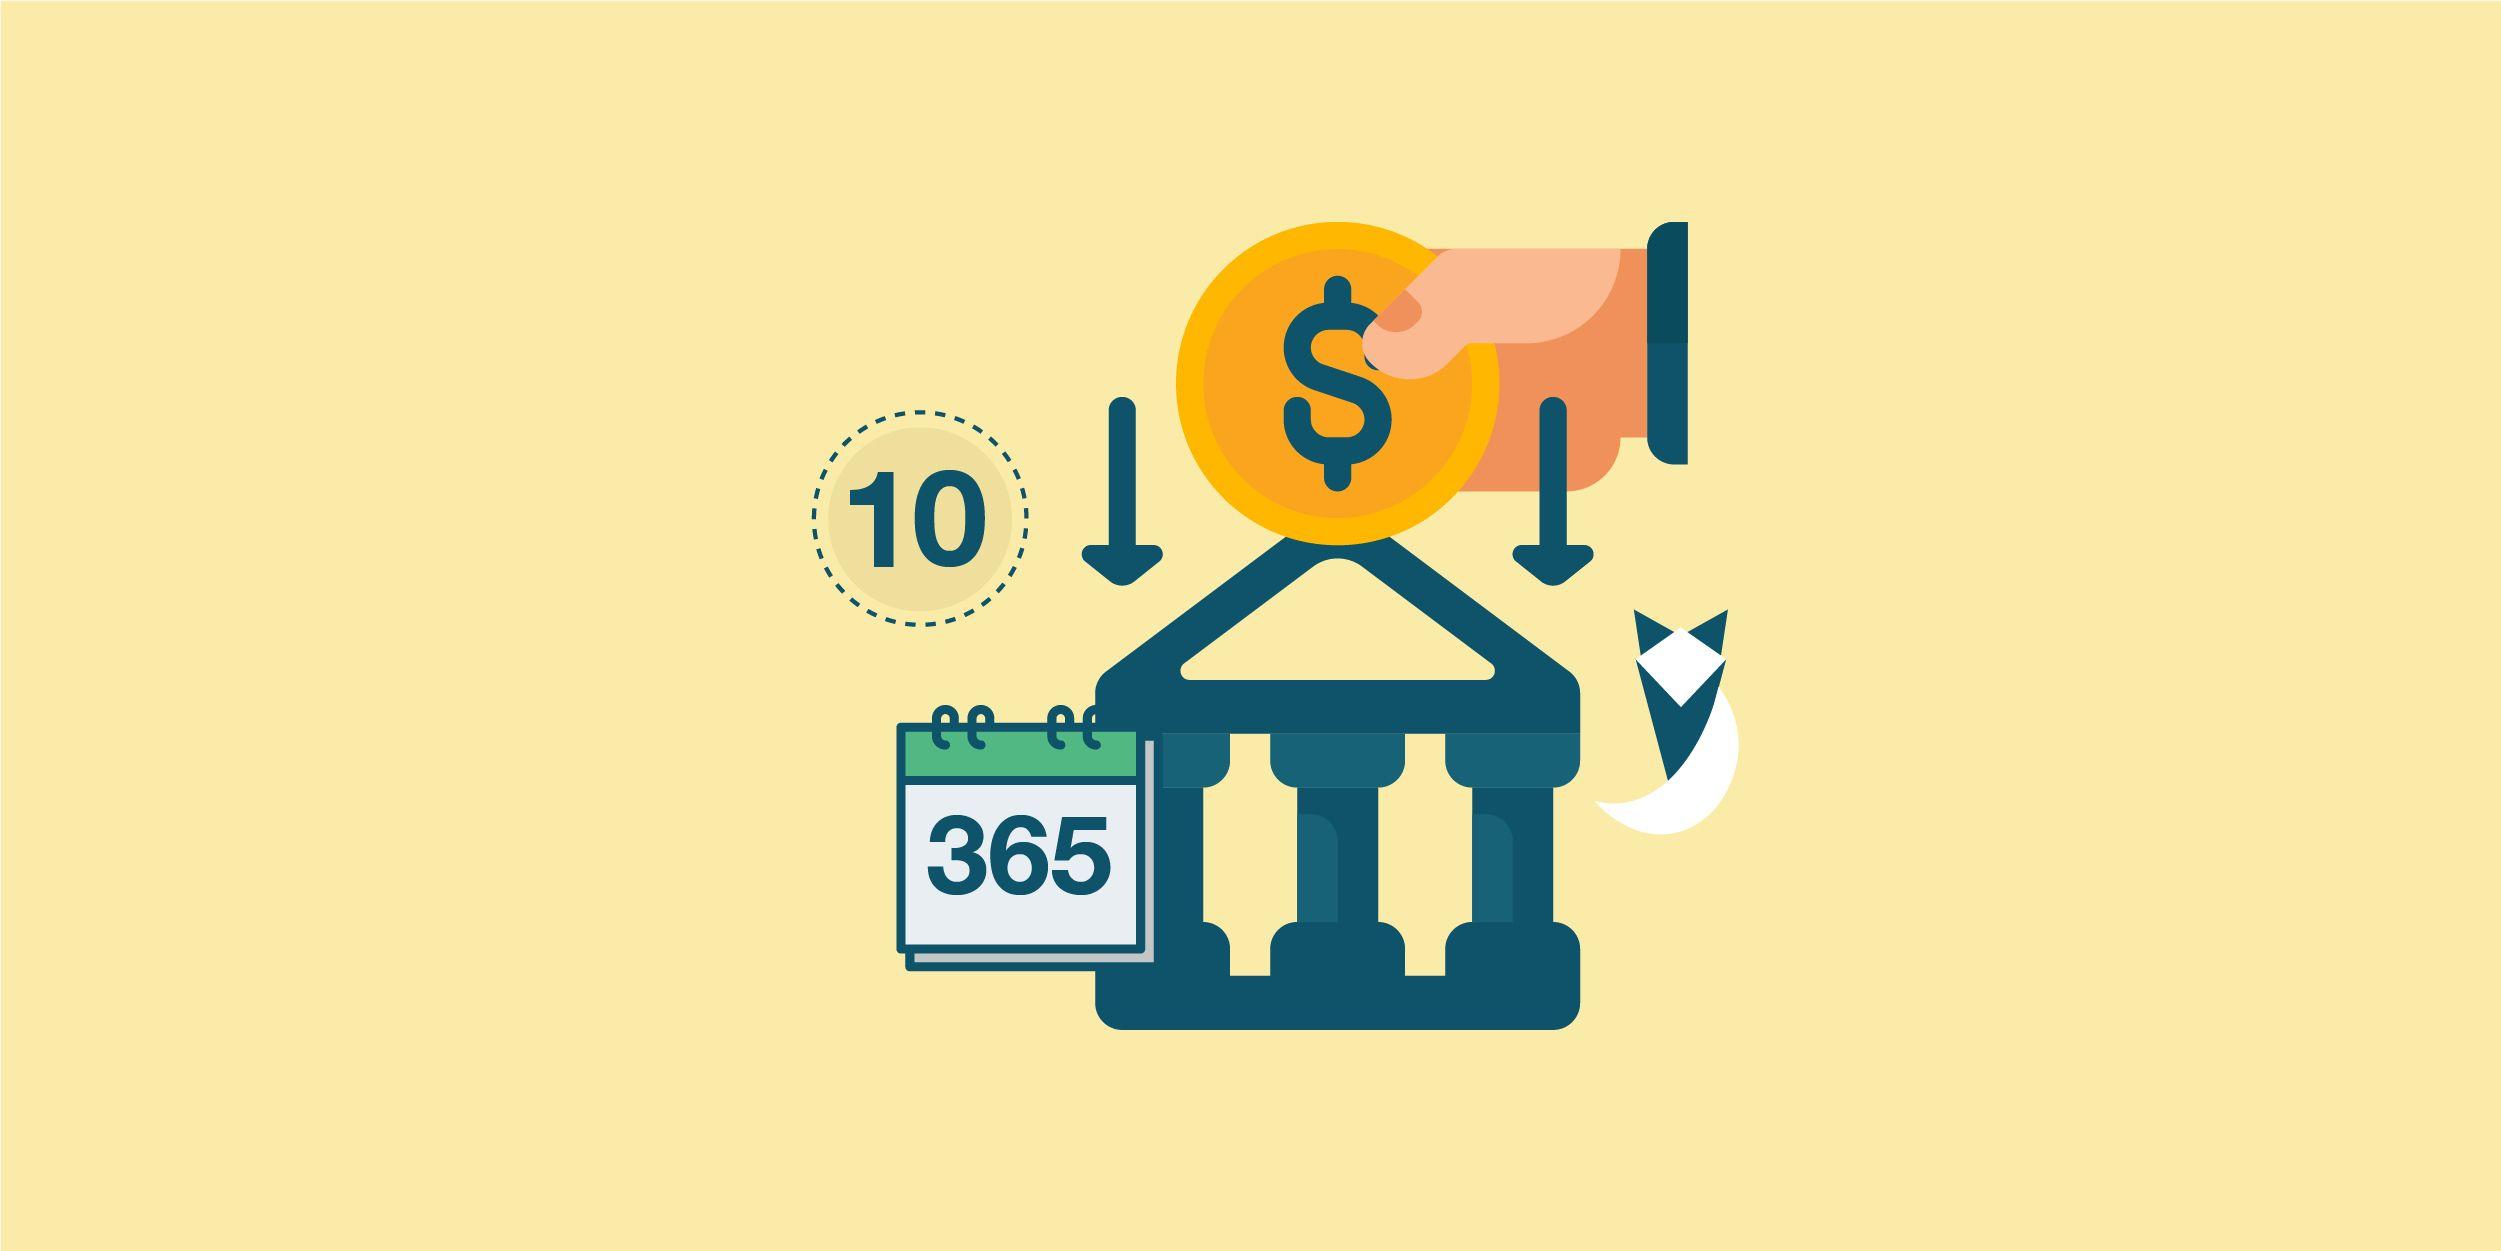 أعلى 9 ودايع سنوية في البنوك المصرية فى شهر سبتمبر 2021